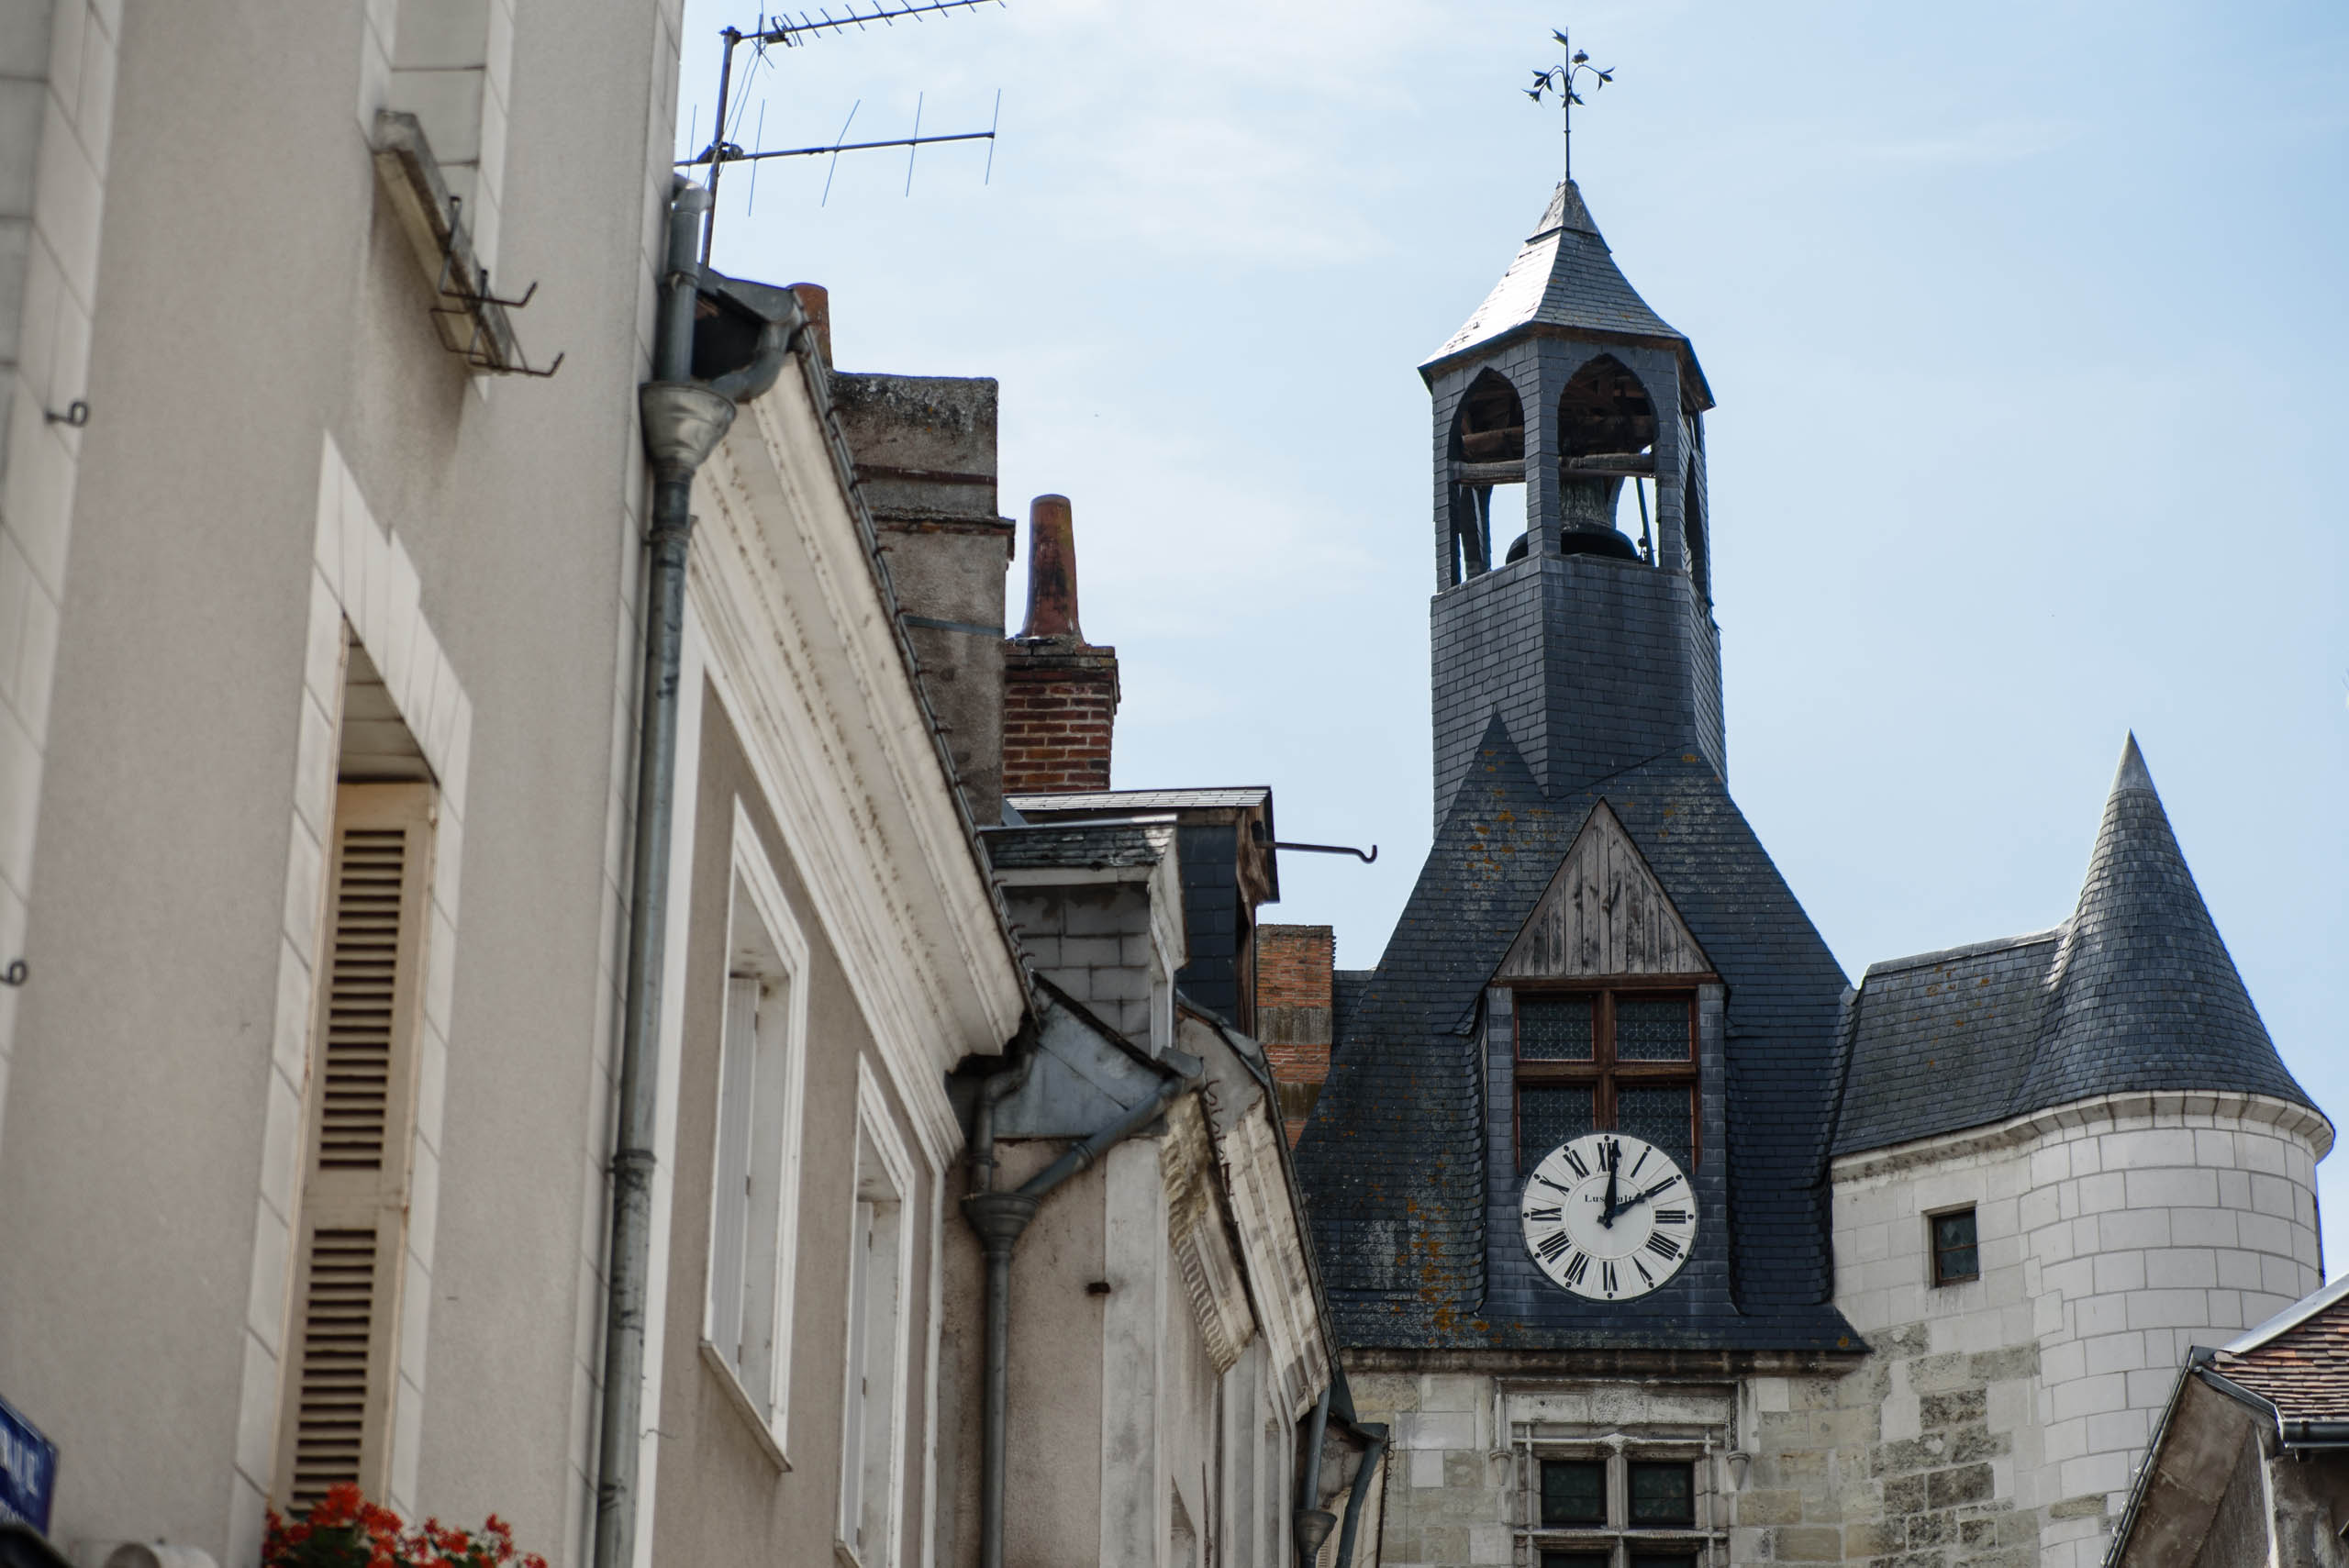 Wieża zegarowa w Amboise